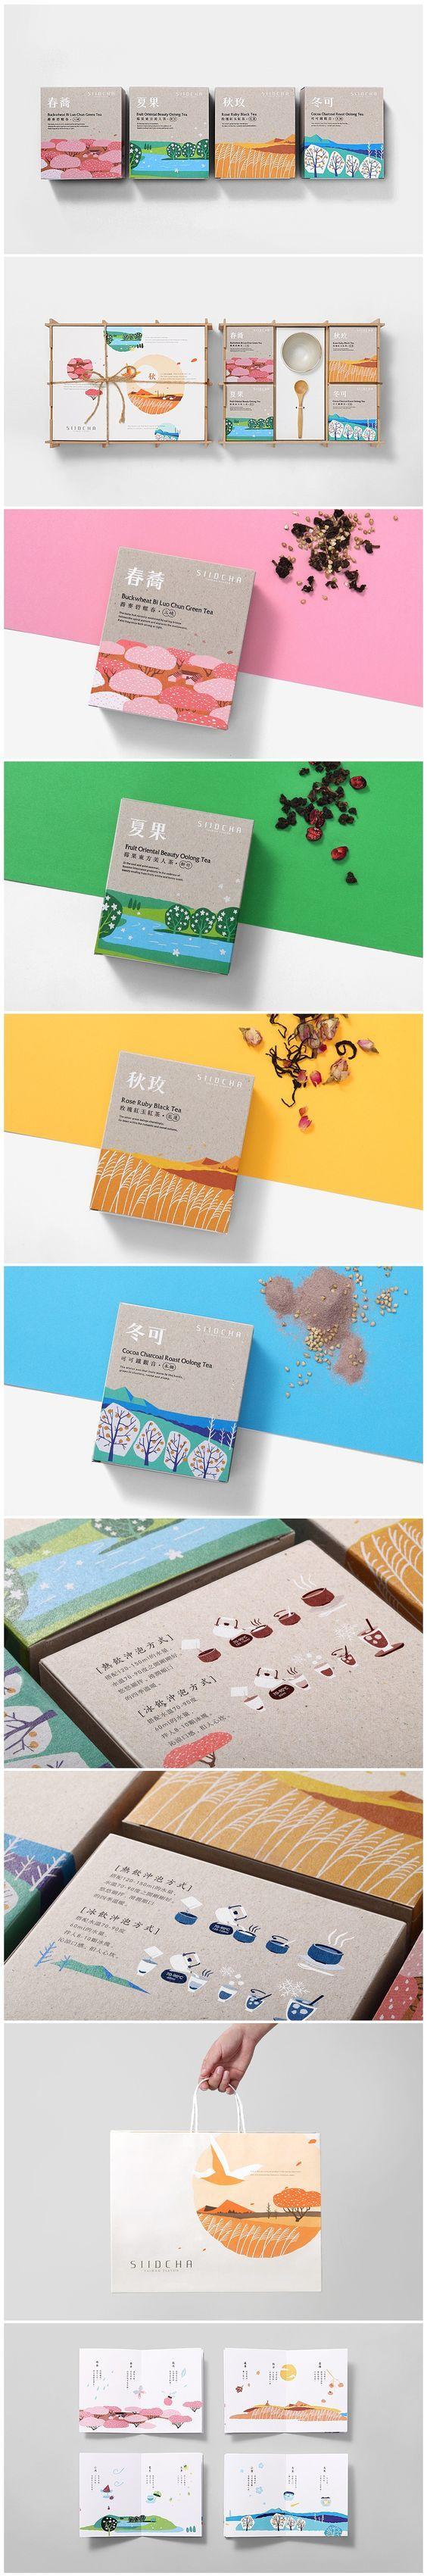 吾穀茶糧 來自大地的食材,品嚐生活中最樸實原味的幸福 SIIDCHA Four Season Gift Set: